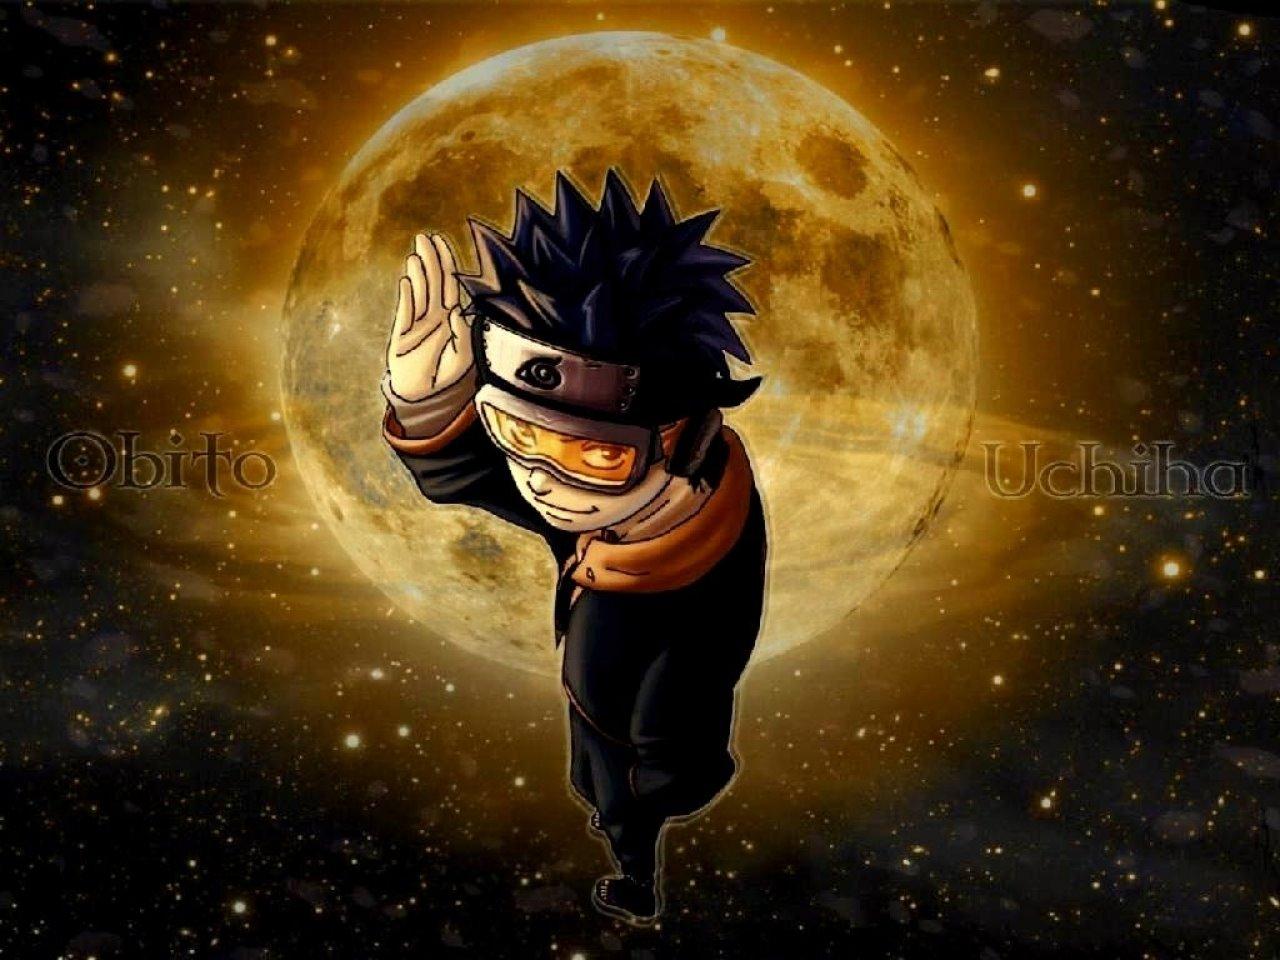 Los Mejores Fondos De Pantalla En HD De Naruto Shippuden